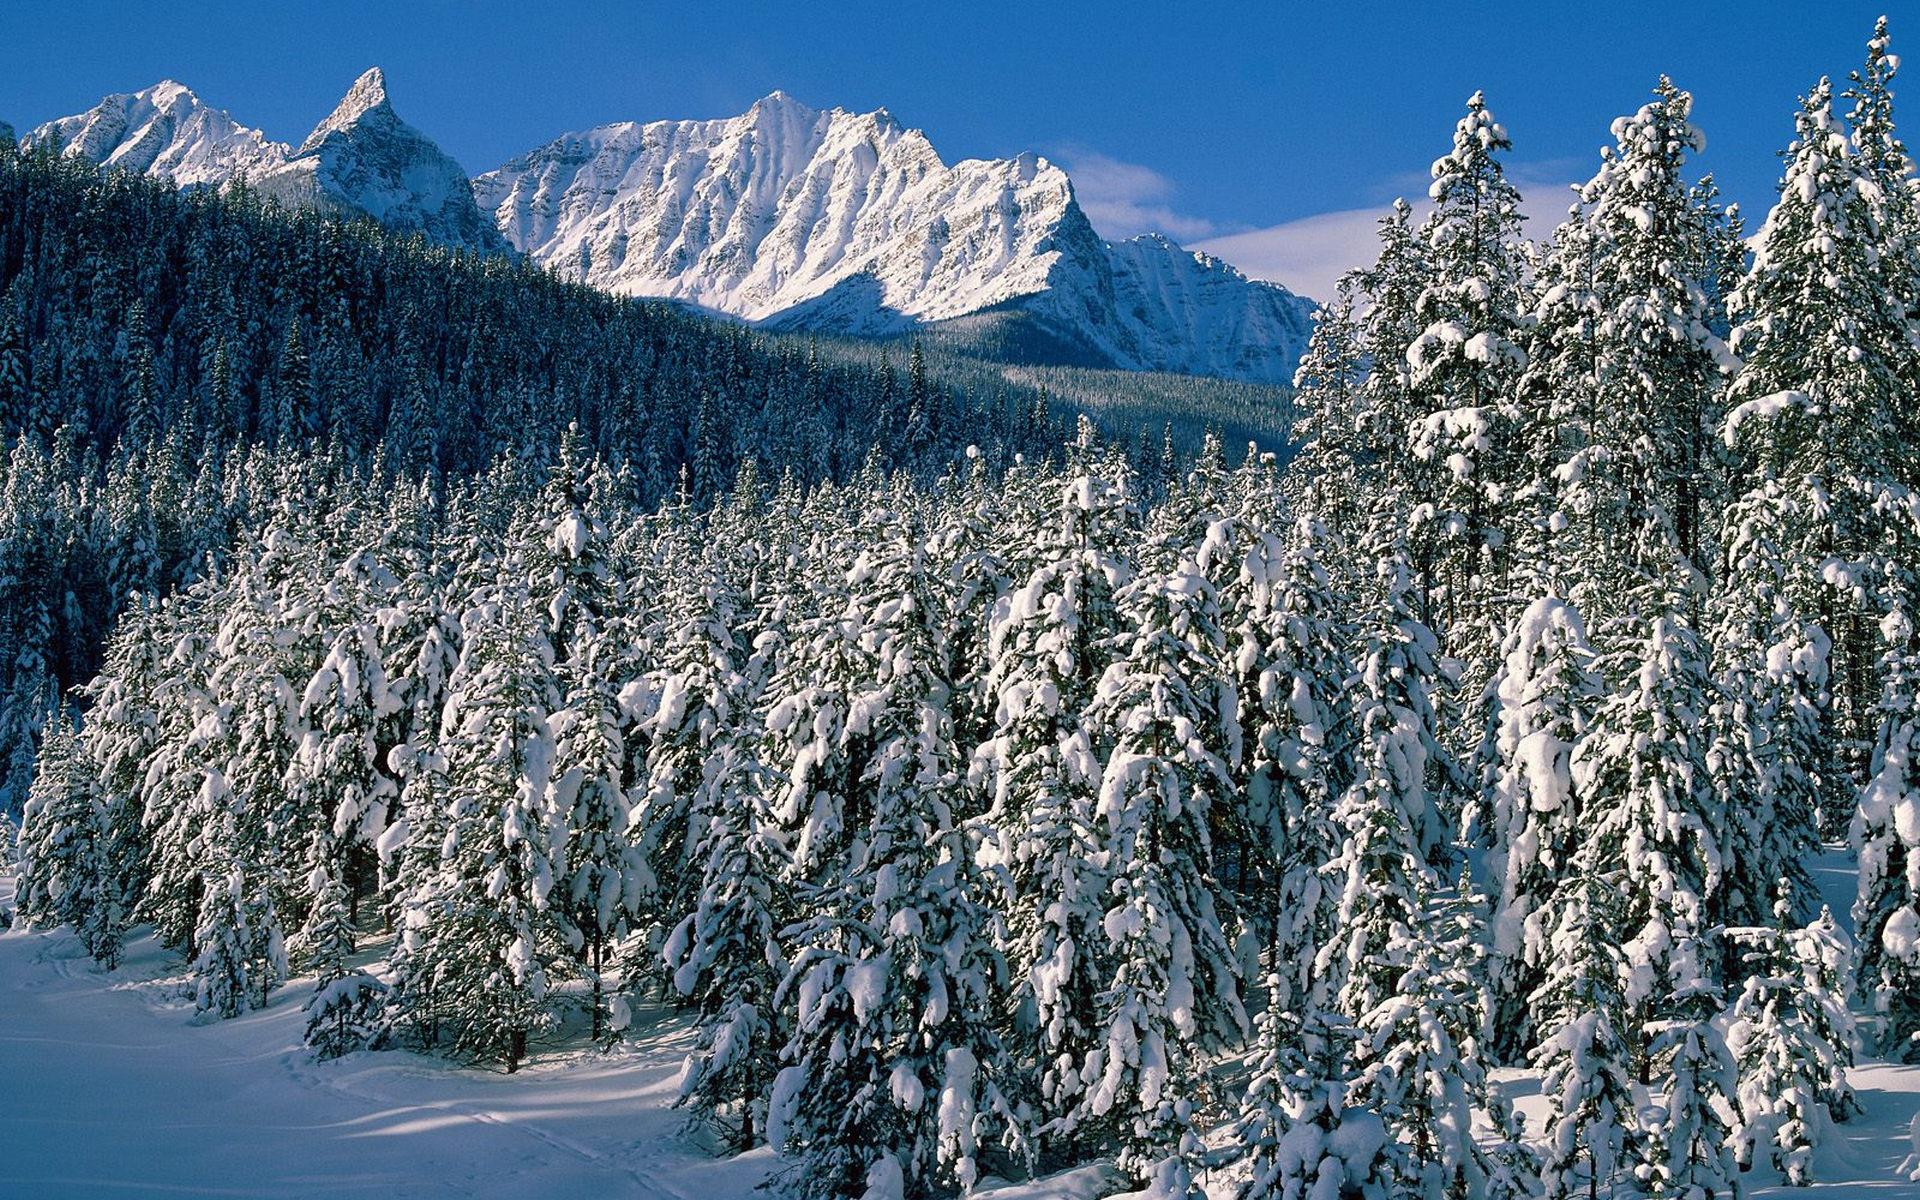 природа зима снег горы скалы деревья  № 2781267  скачать